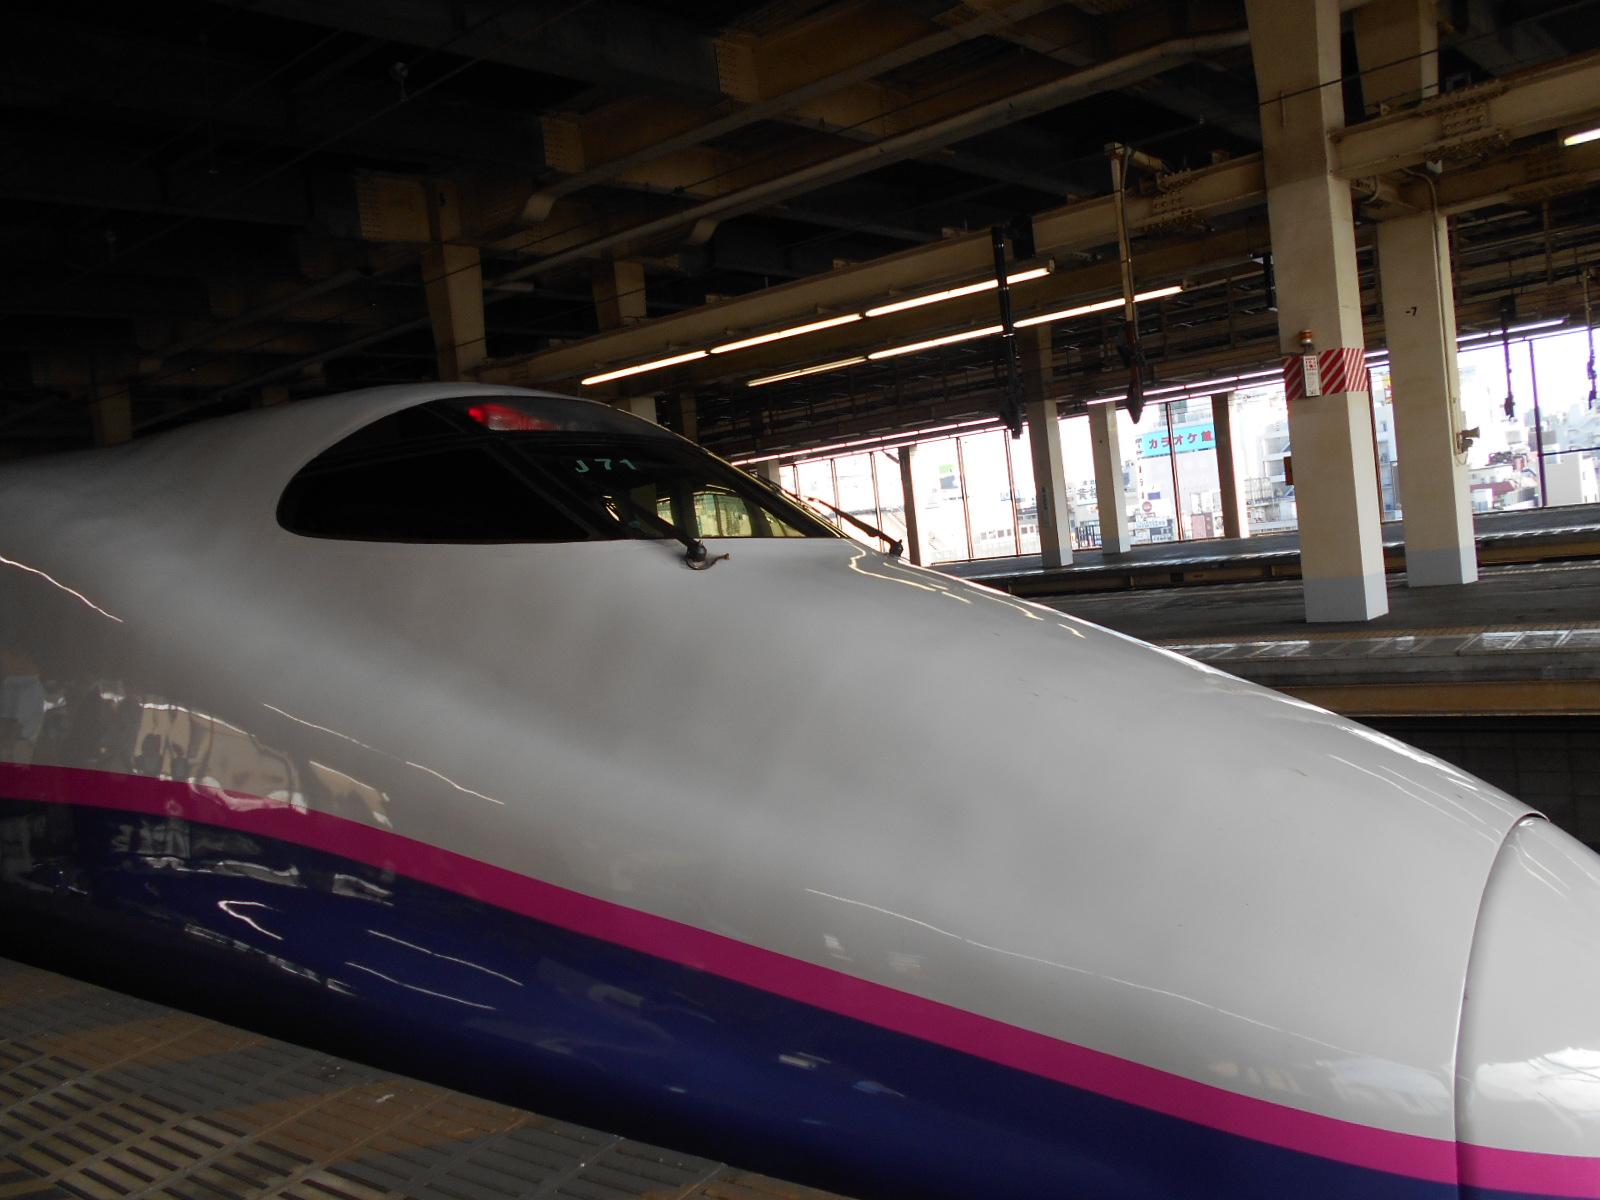 迷大日々のブログ 東洋経済の【鉄道最前線】について考察する